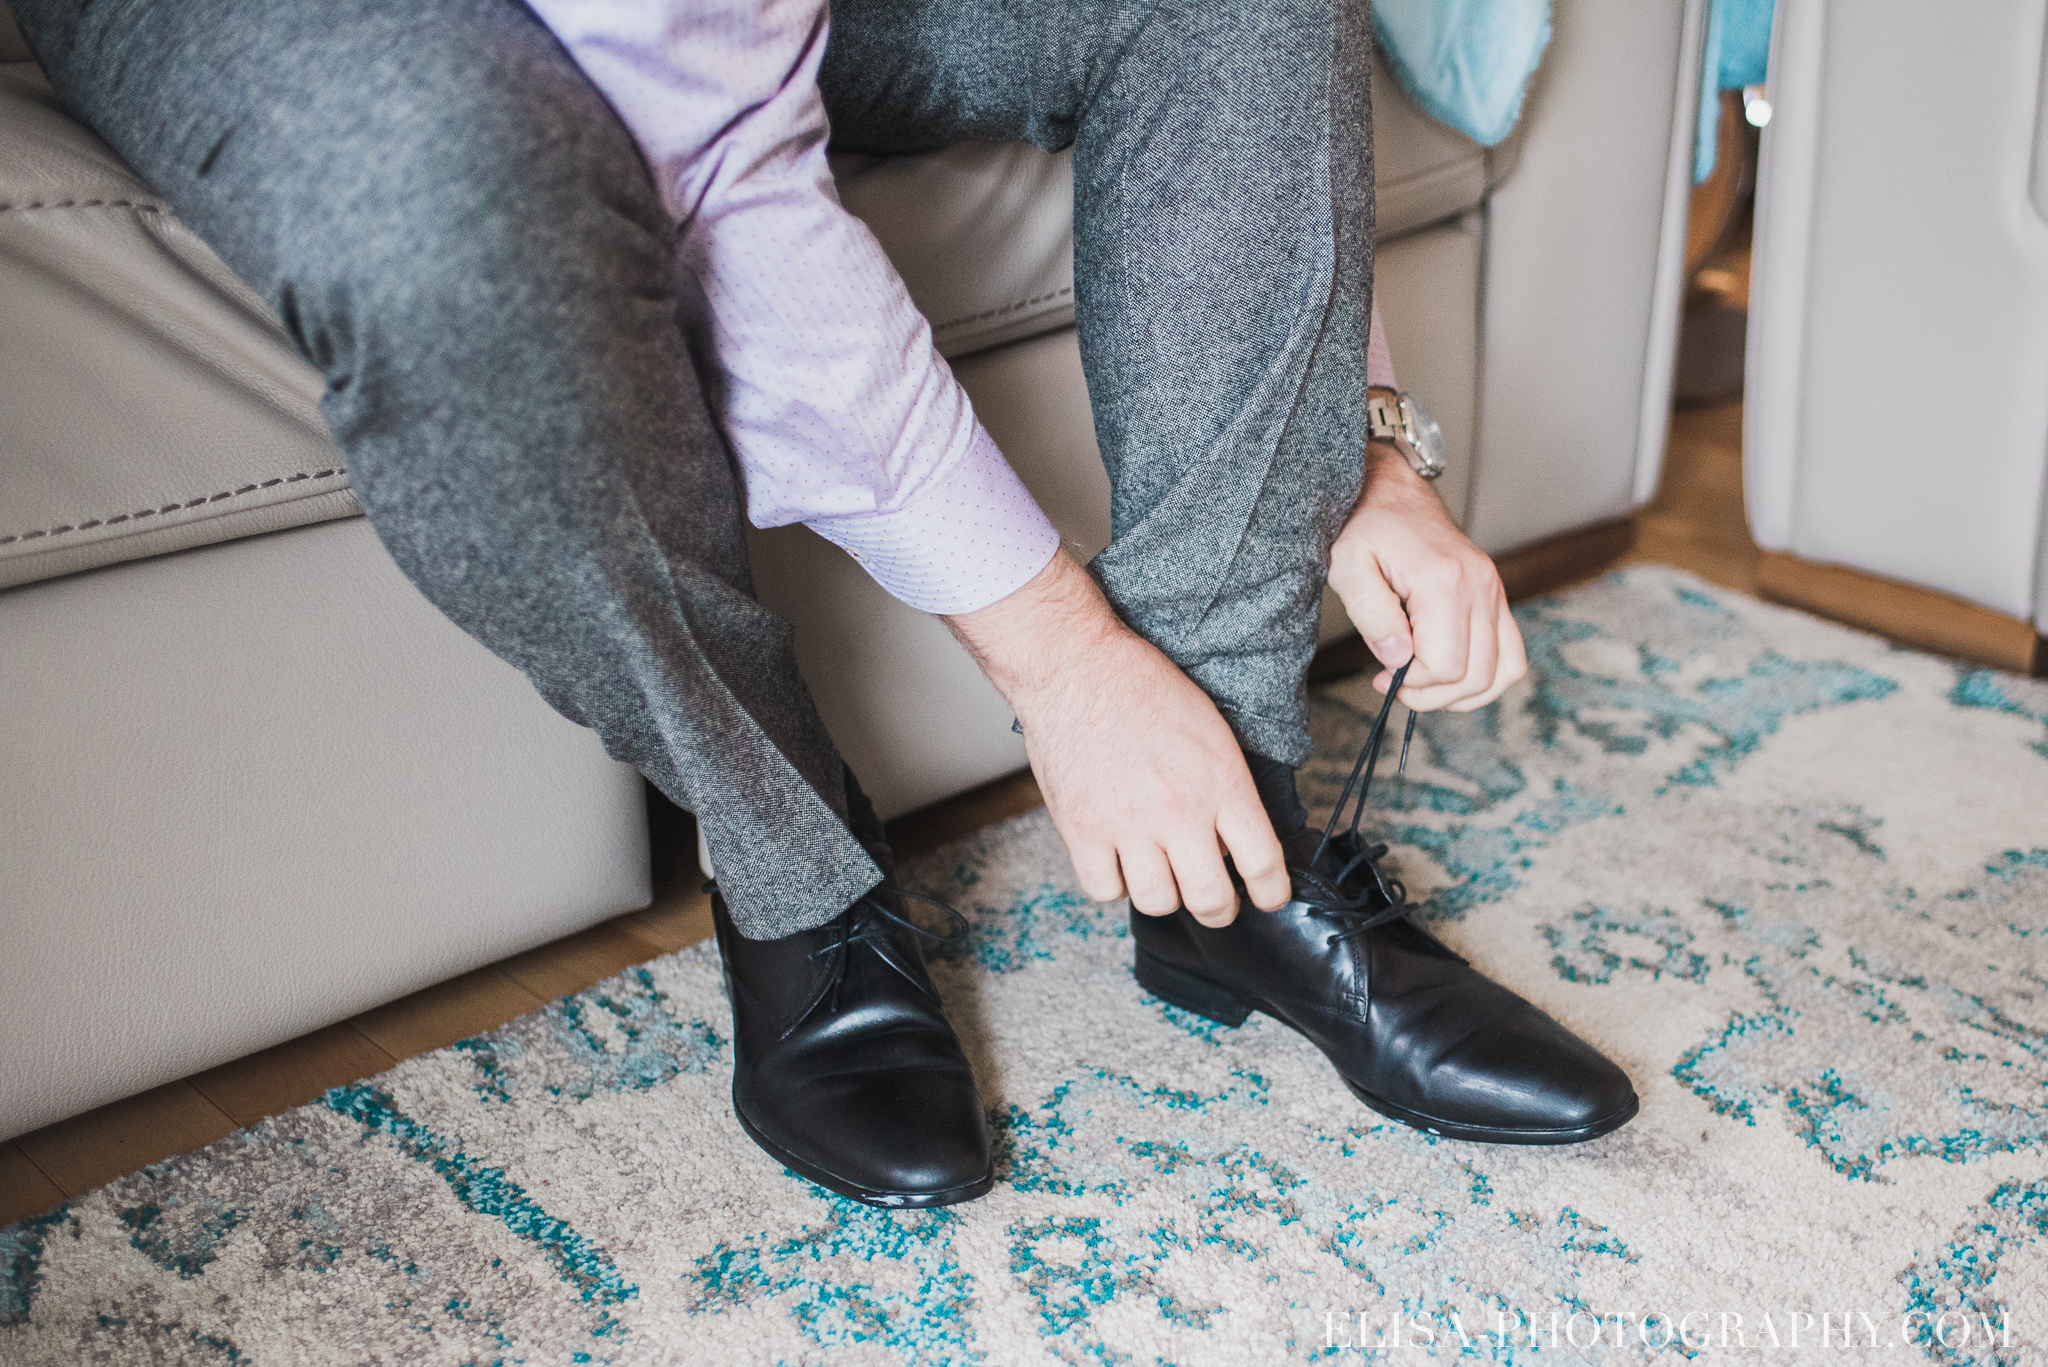 photo mariage quebec automne preparatifs du marie boutoniere souliers 5221 - Mariage à saveur automnale à l'Espace Saint-Grégoire